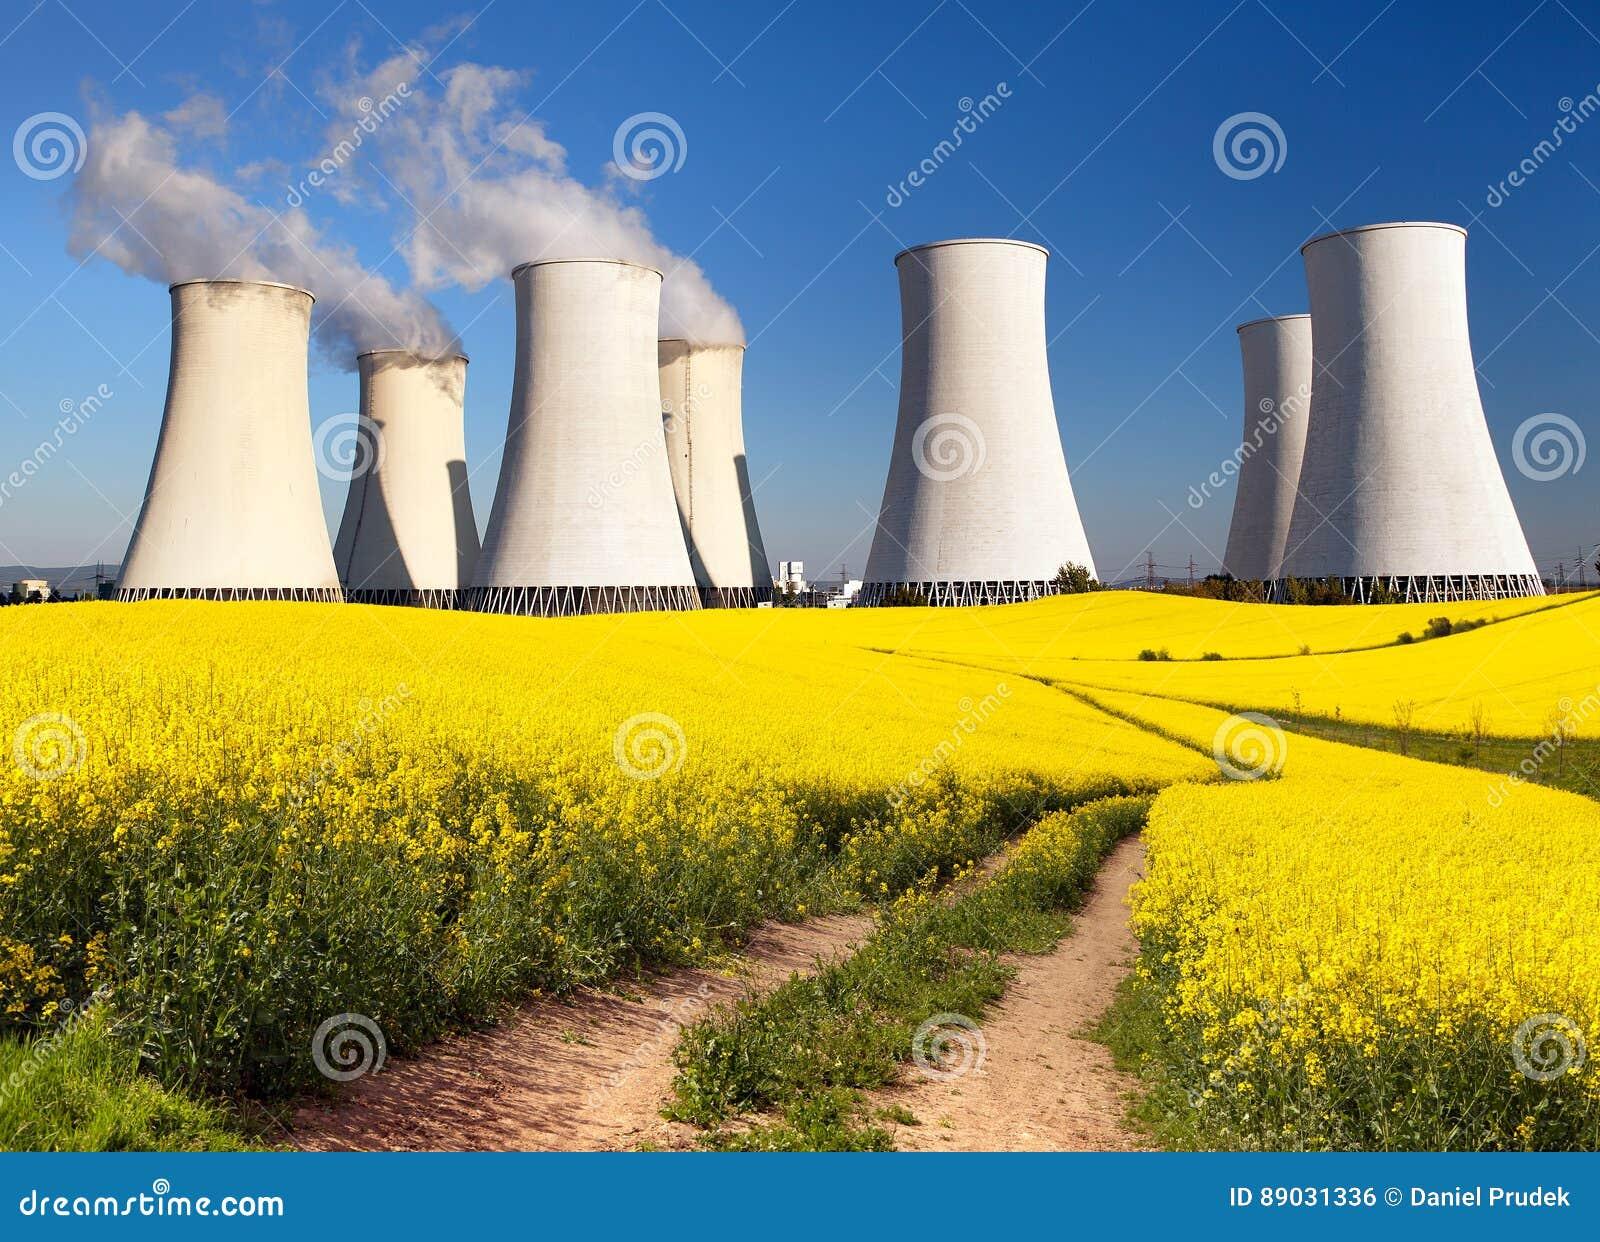 Centrale nucléaire, tour de refroidissement, champ de graine de colza